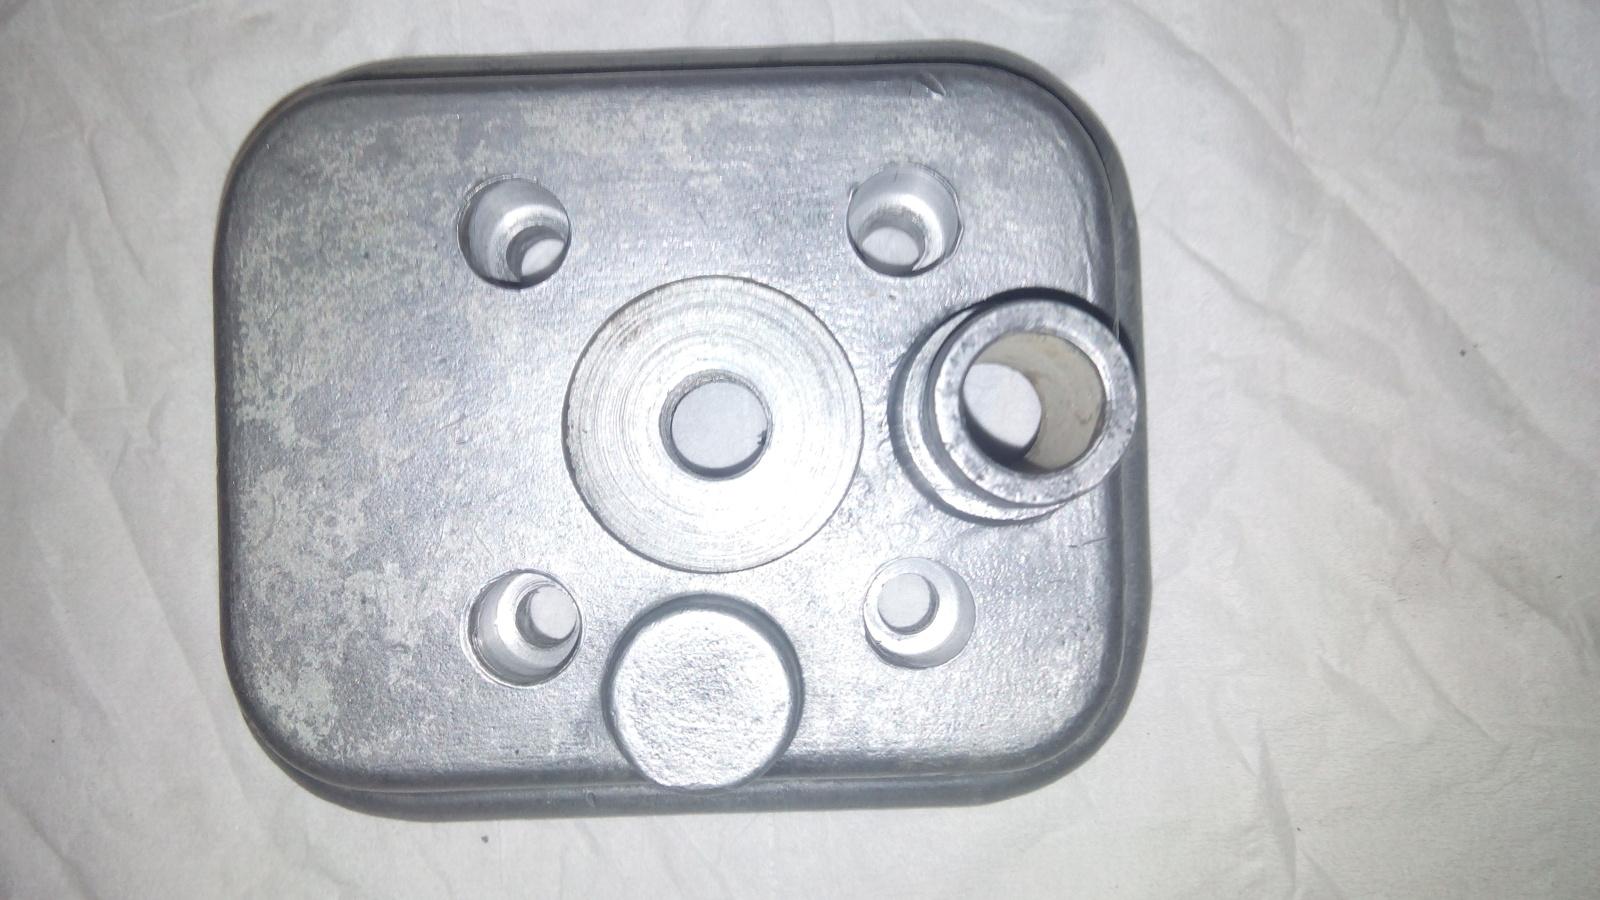 Mejoras en motores P3 P4 RV4 DL P6 K6... - Página 6 10s5461